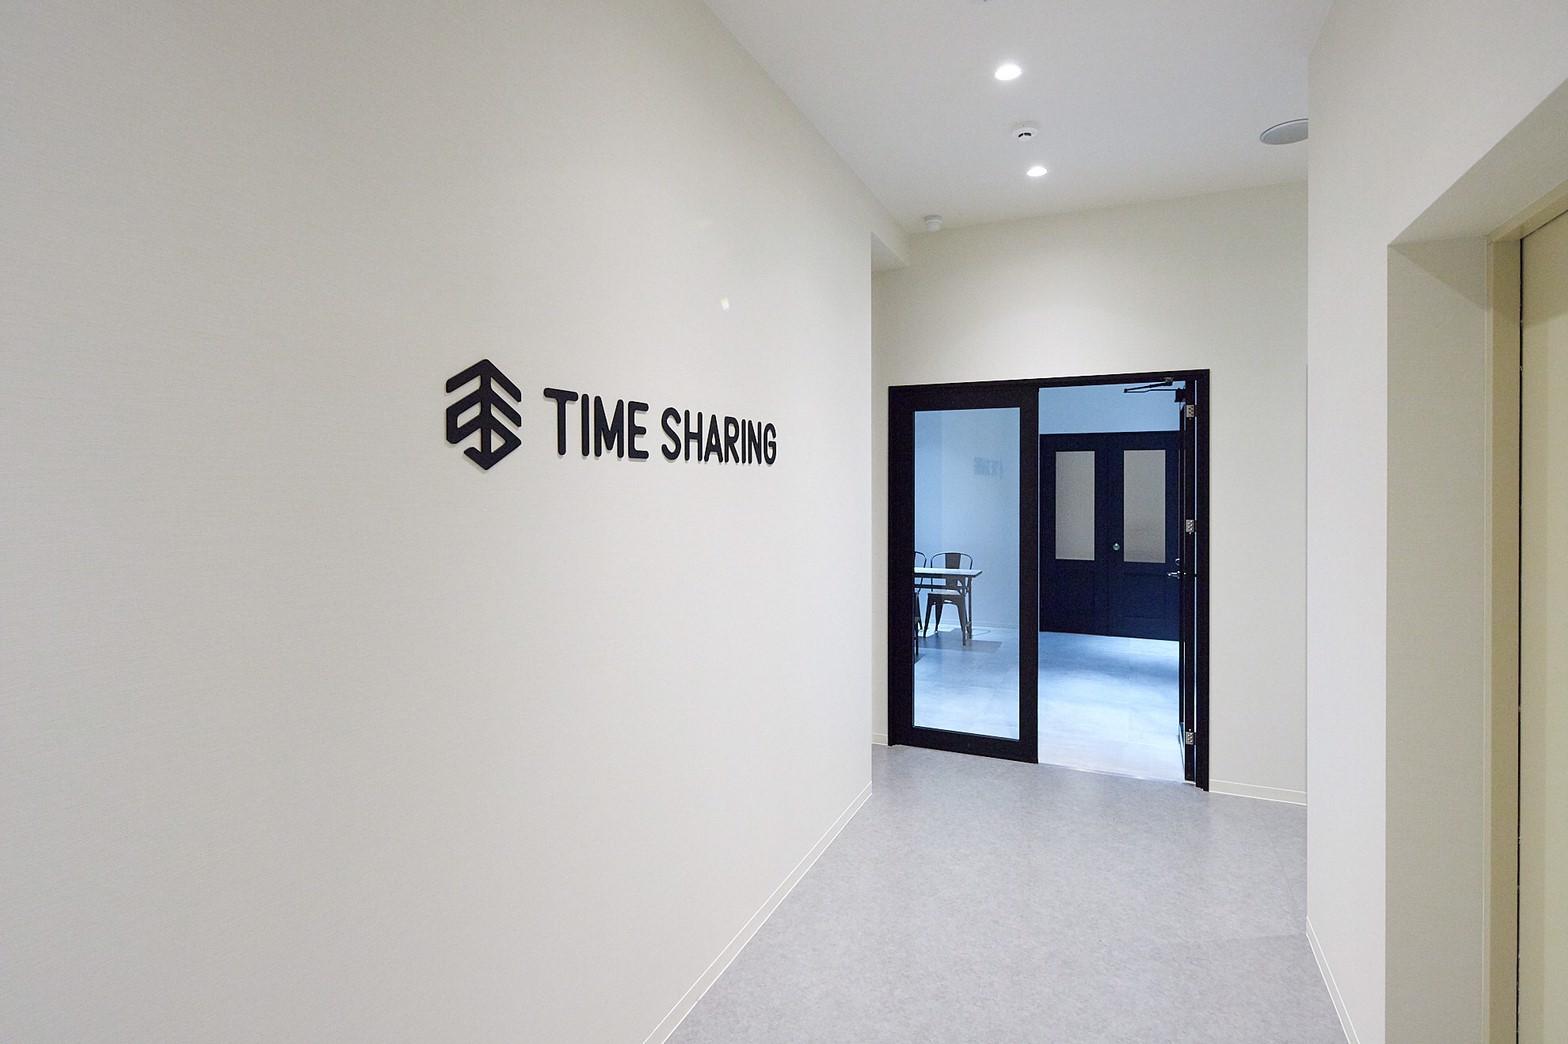 ブログサイト「SHARING」オープン★|TIME SHARING|タイムシェアリング |スペースマネジメント|あどばる|adval|SHARING